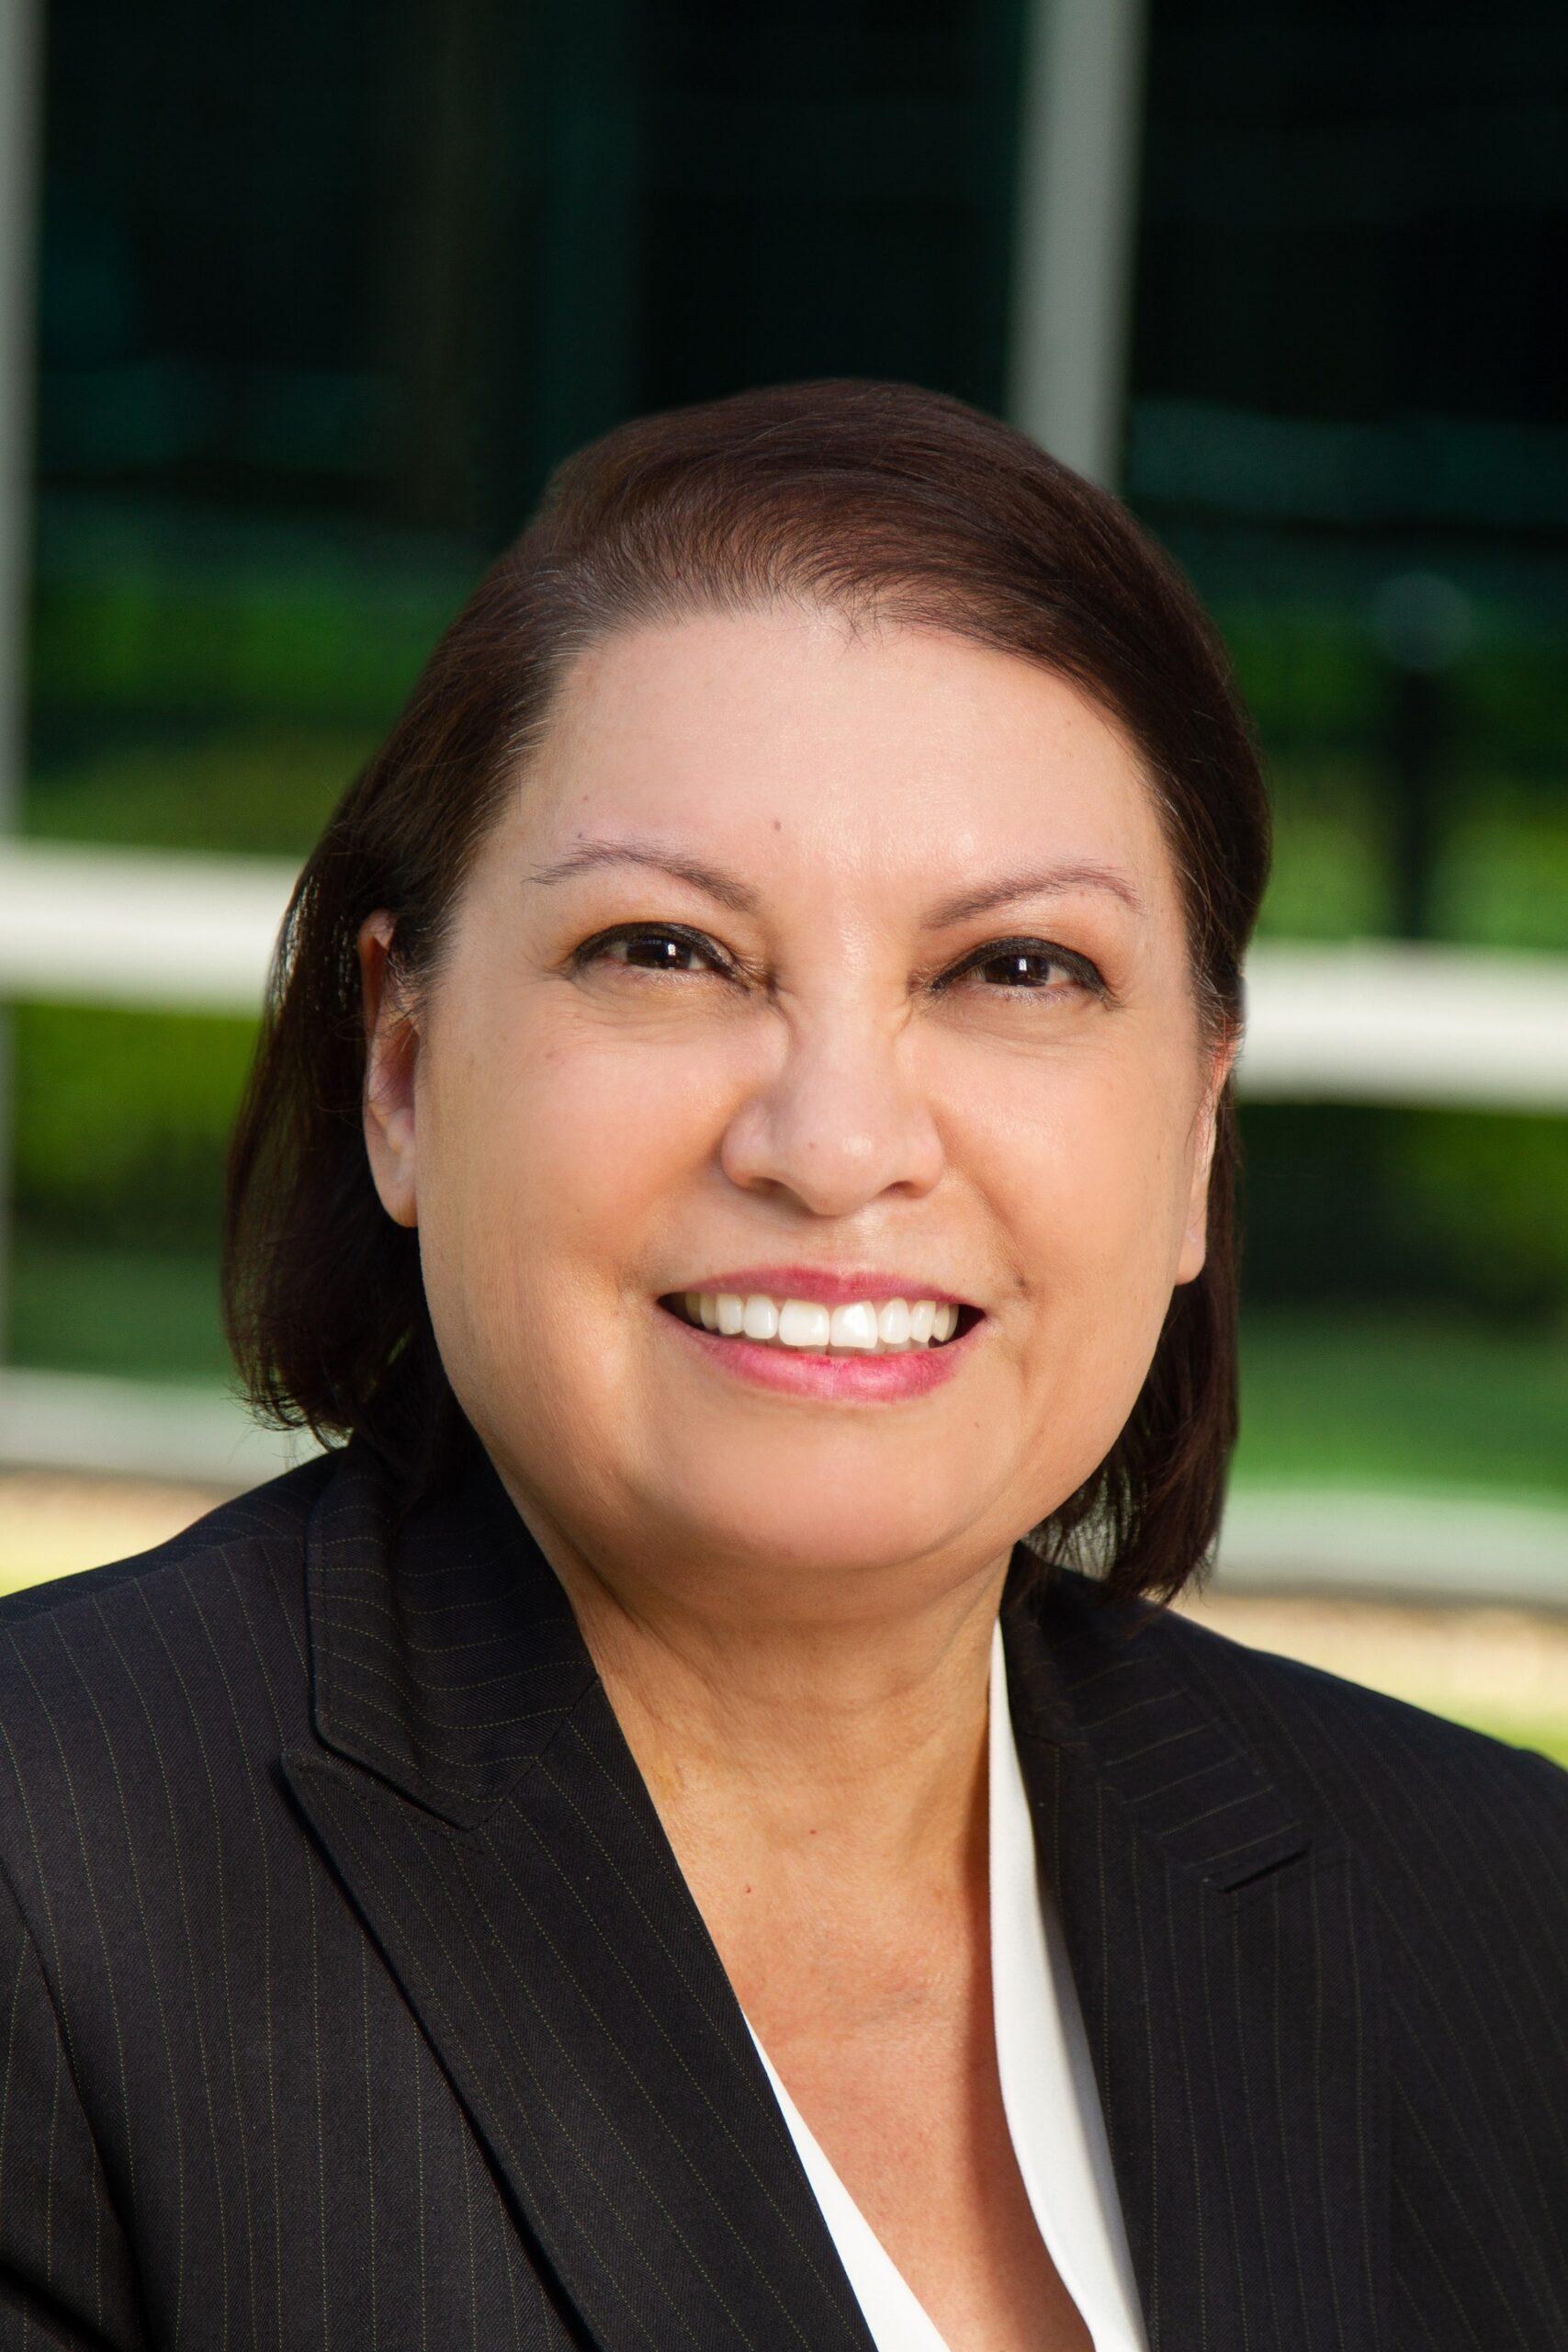 Sandra Chacon